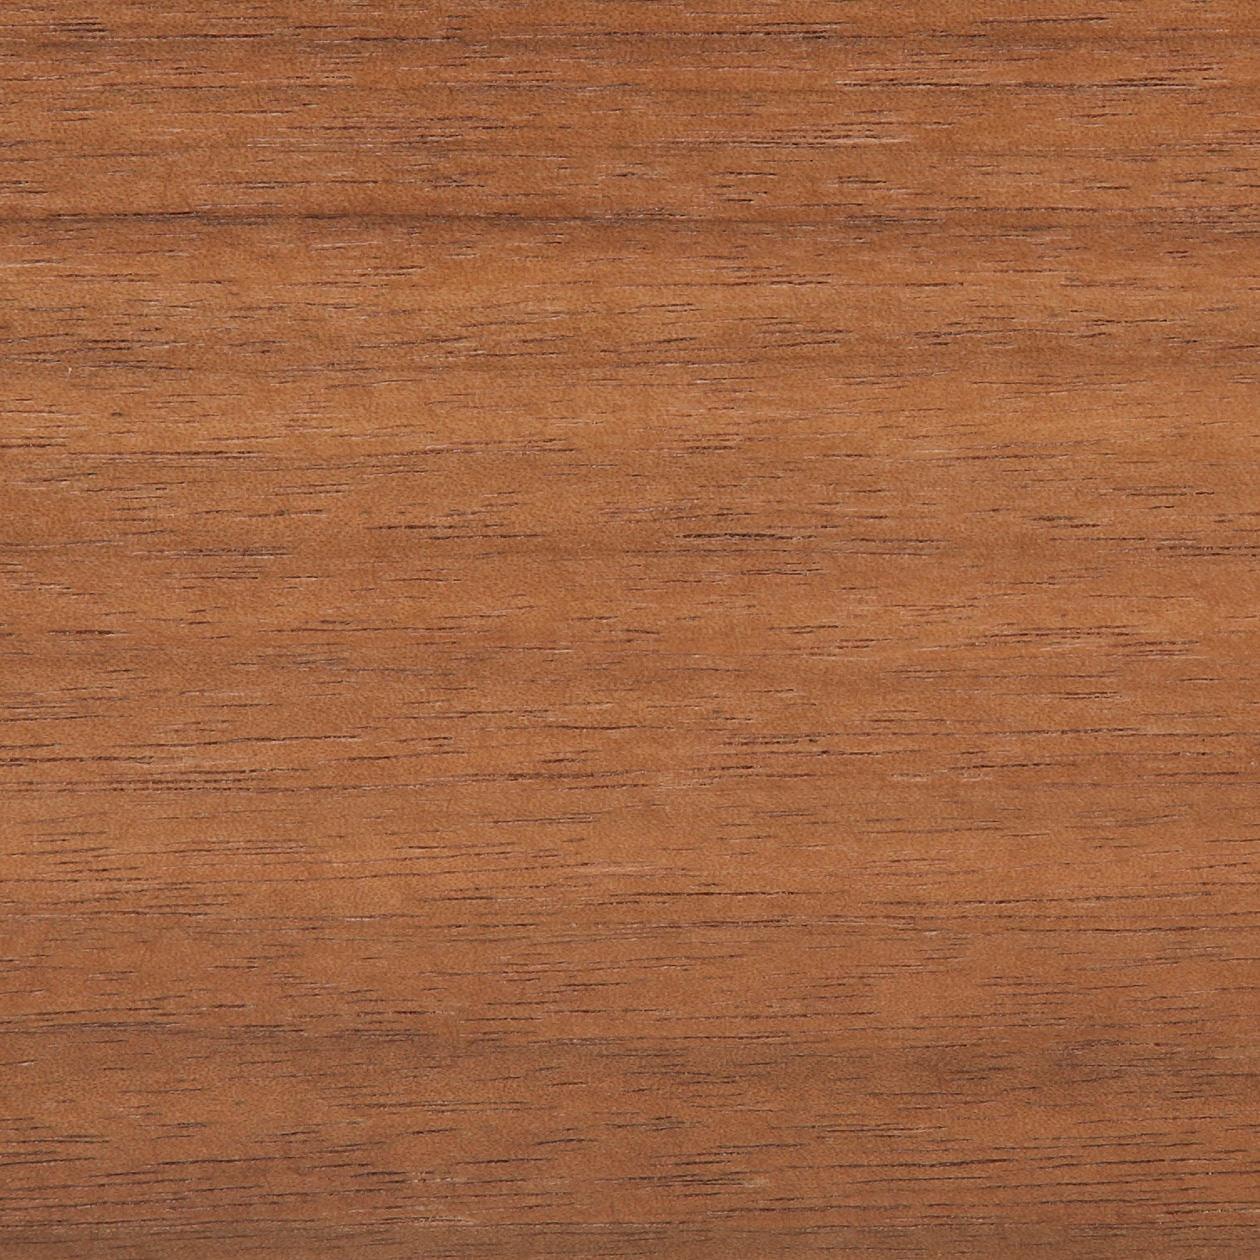 Full Size of Bett Mit Stauraum Erweiterungsgestell Walnuss Doppel Xl Muji Esstisch Baumkante Fenster Integriertem Rollladen Einbauküche Elektrogeräten Küche Günstig Wohnzimmer Massivholzbett Mit Stauraum